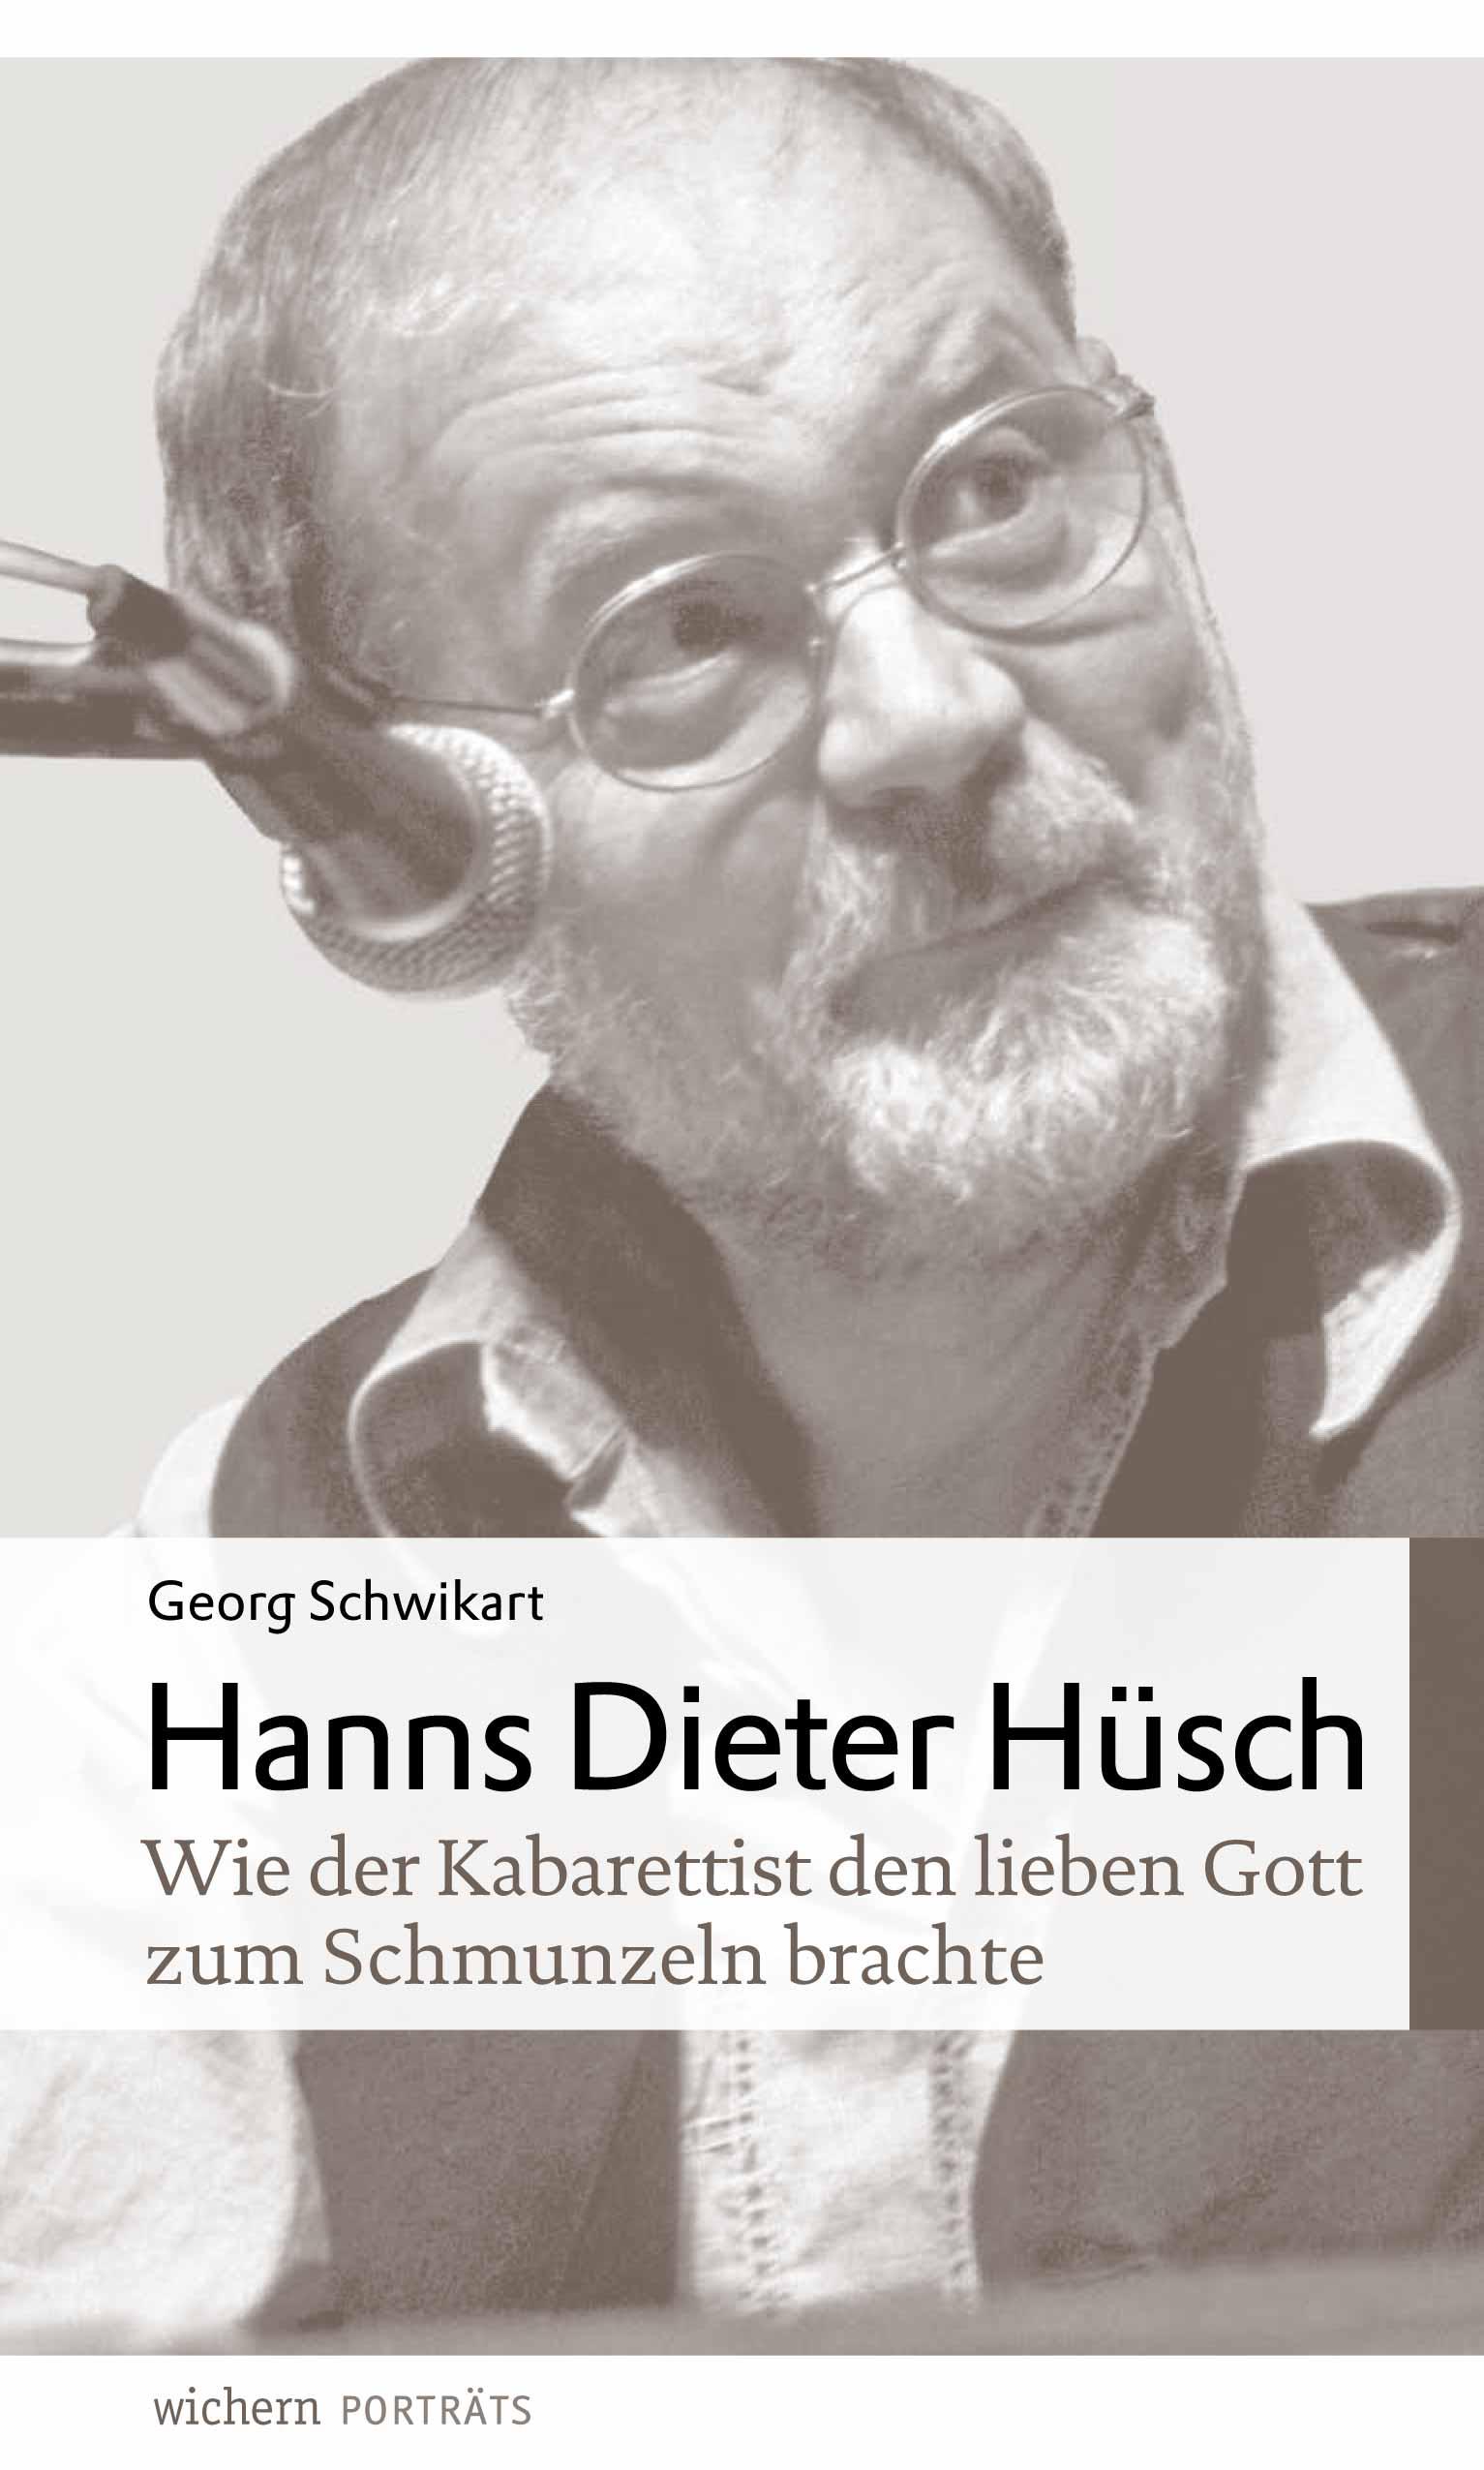 Cover des Buches von Georg Schwikart über den Kabarettisten Hanns Dieter HüschMehr Seiten, mehr Bilder, fester Einband!